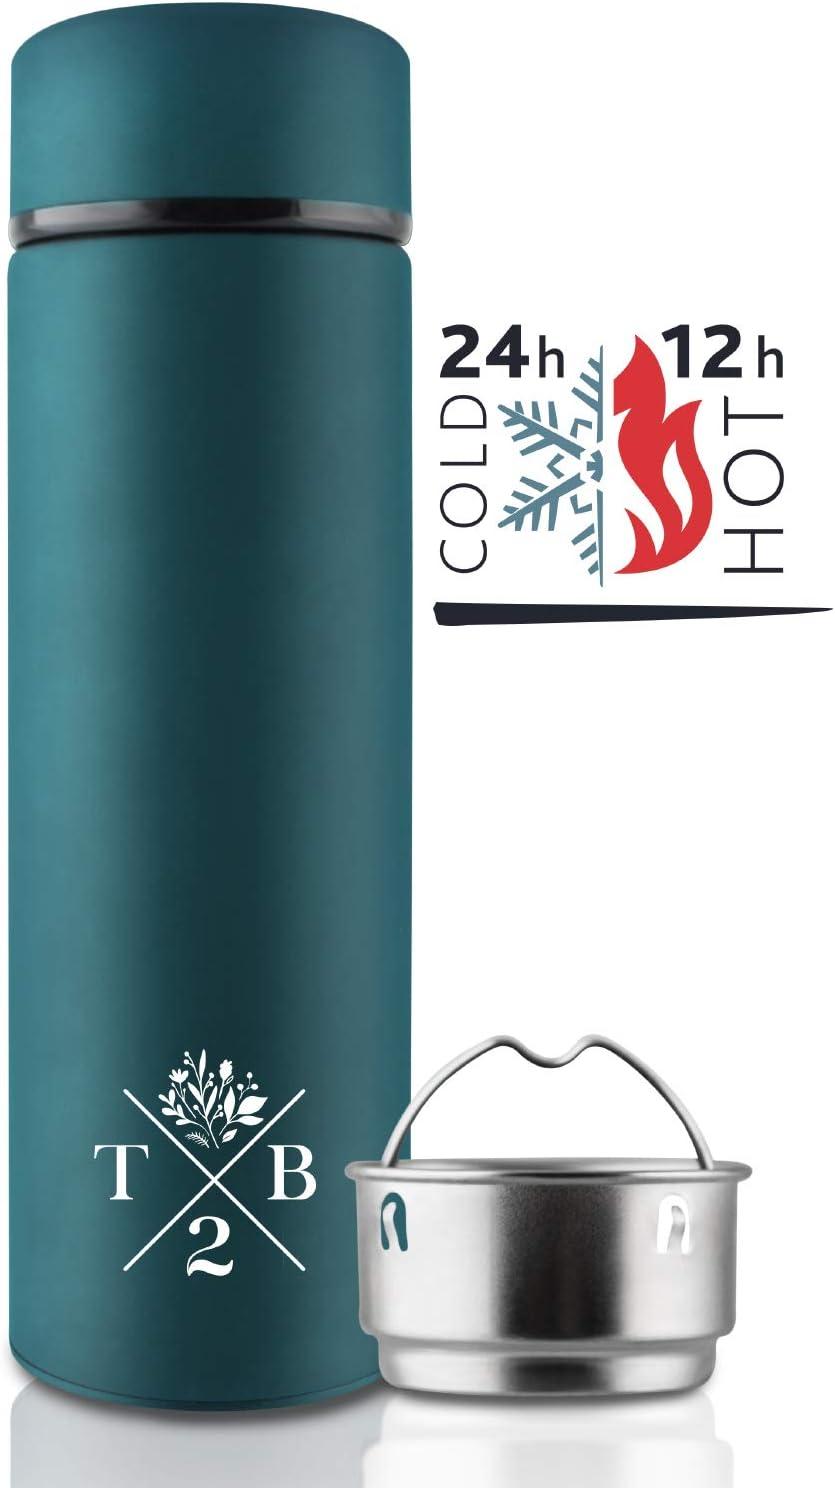 T2B Botella de Termo 24h frío / 12h Caliente - Botella de té frío con infusor de Fruta, Doble Pared aislada, Inoxidable - 100% estanca, Botella para Beber en Azul, 500ml